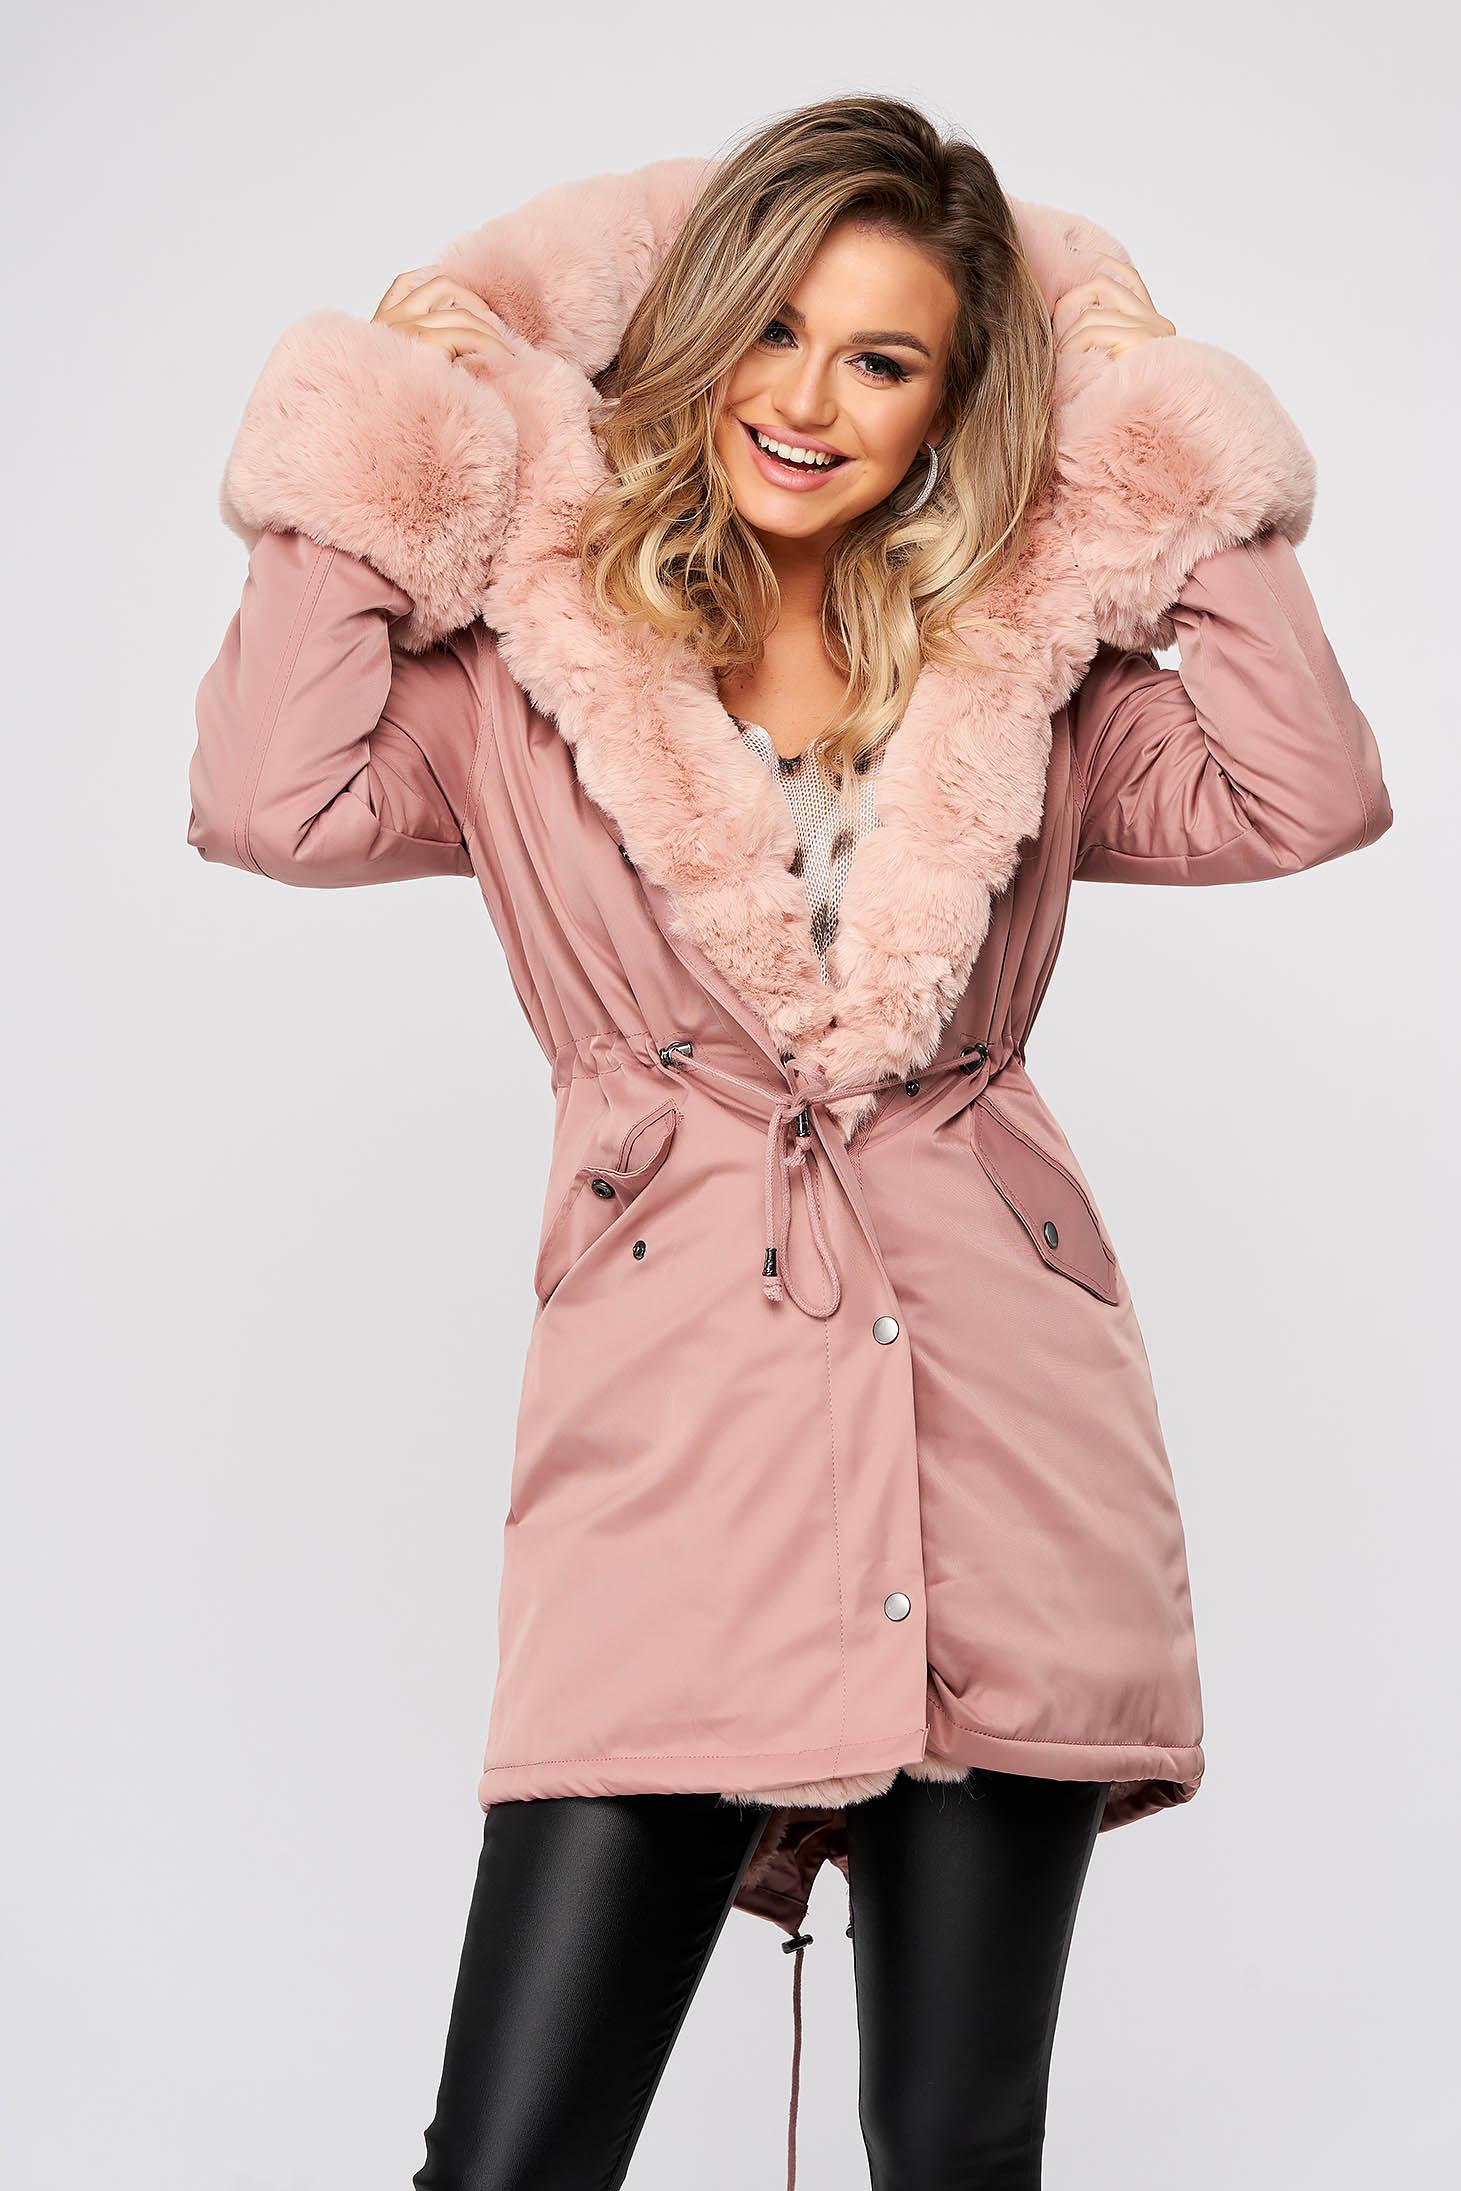 Pink casual dzseki vastag textil anyagból bundabélessel ellátva zsebekkel